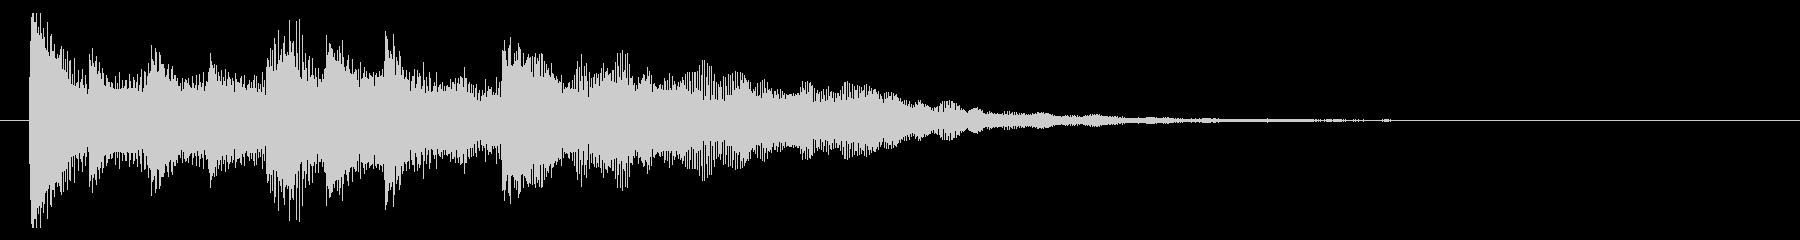 ピアノ  優しい雰囲気 ジングル01の未再生の波形